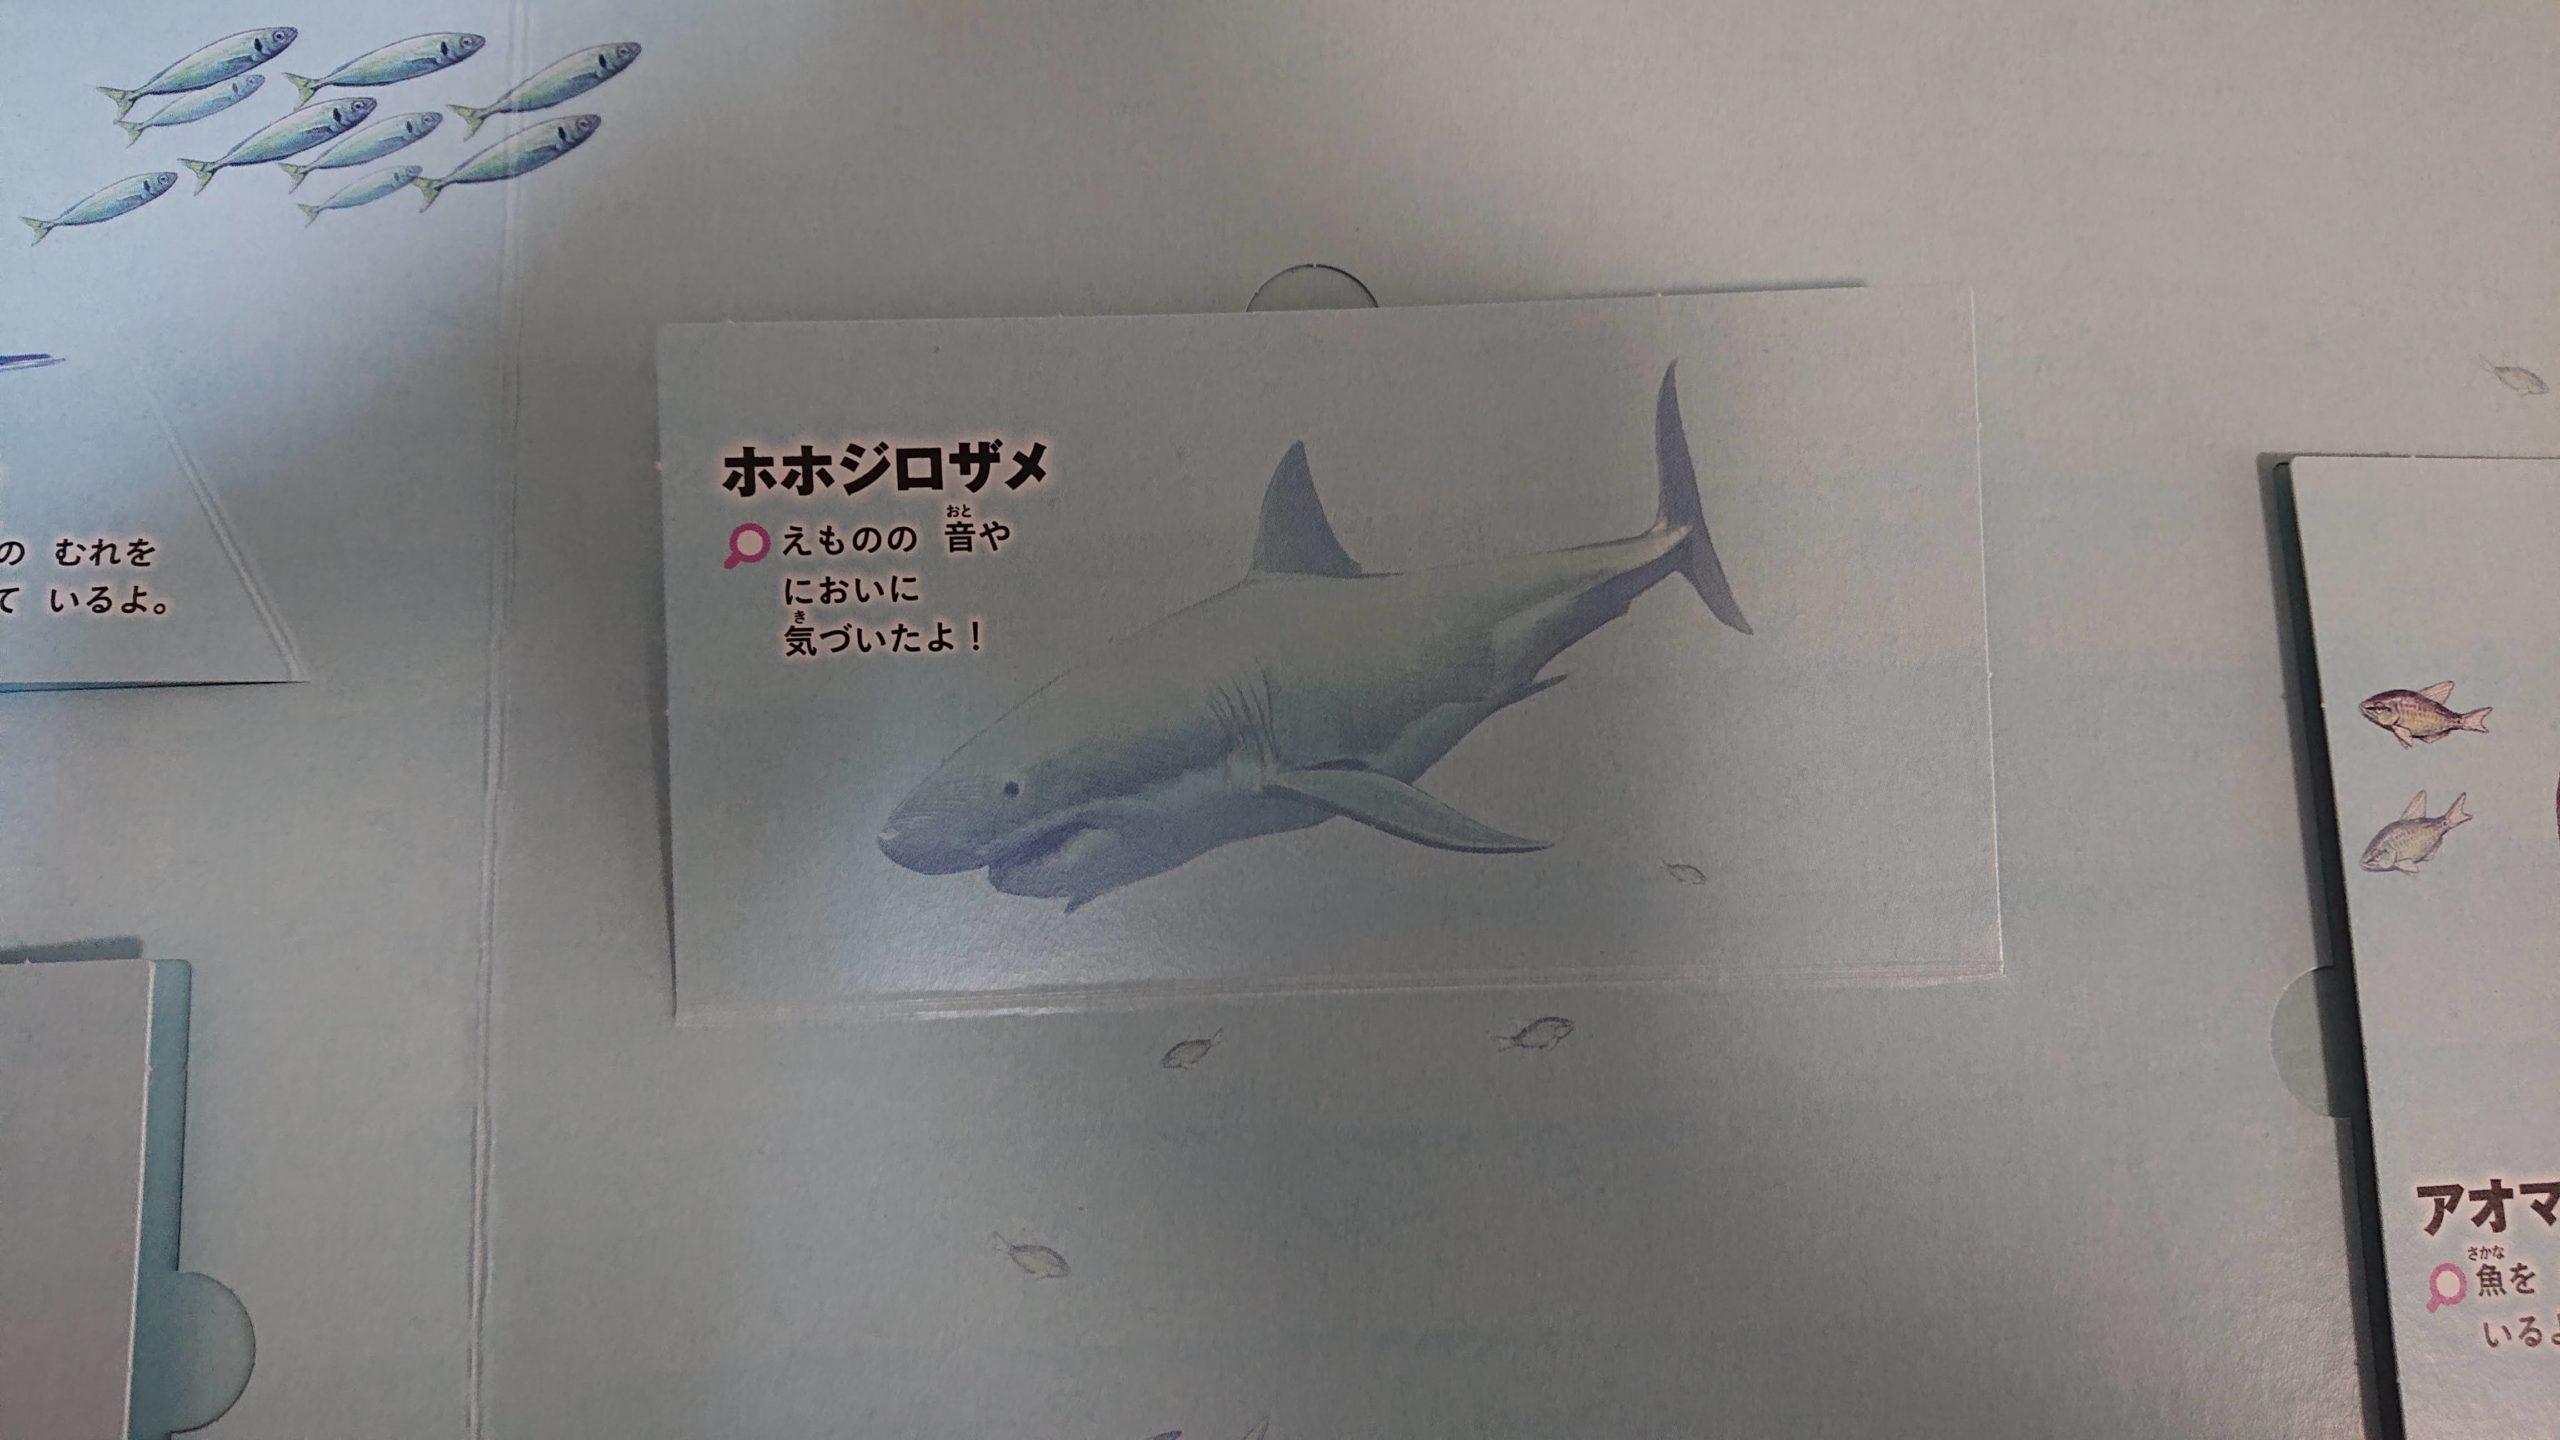 あぶないいきもの(サメ)